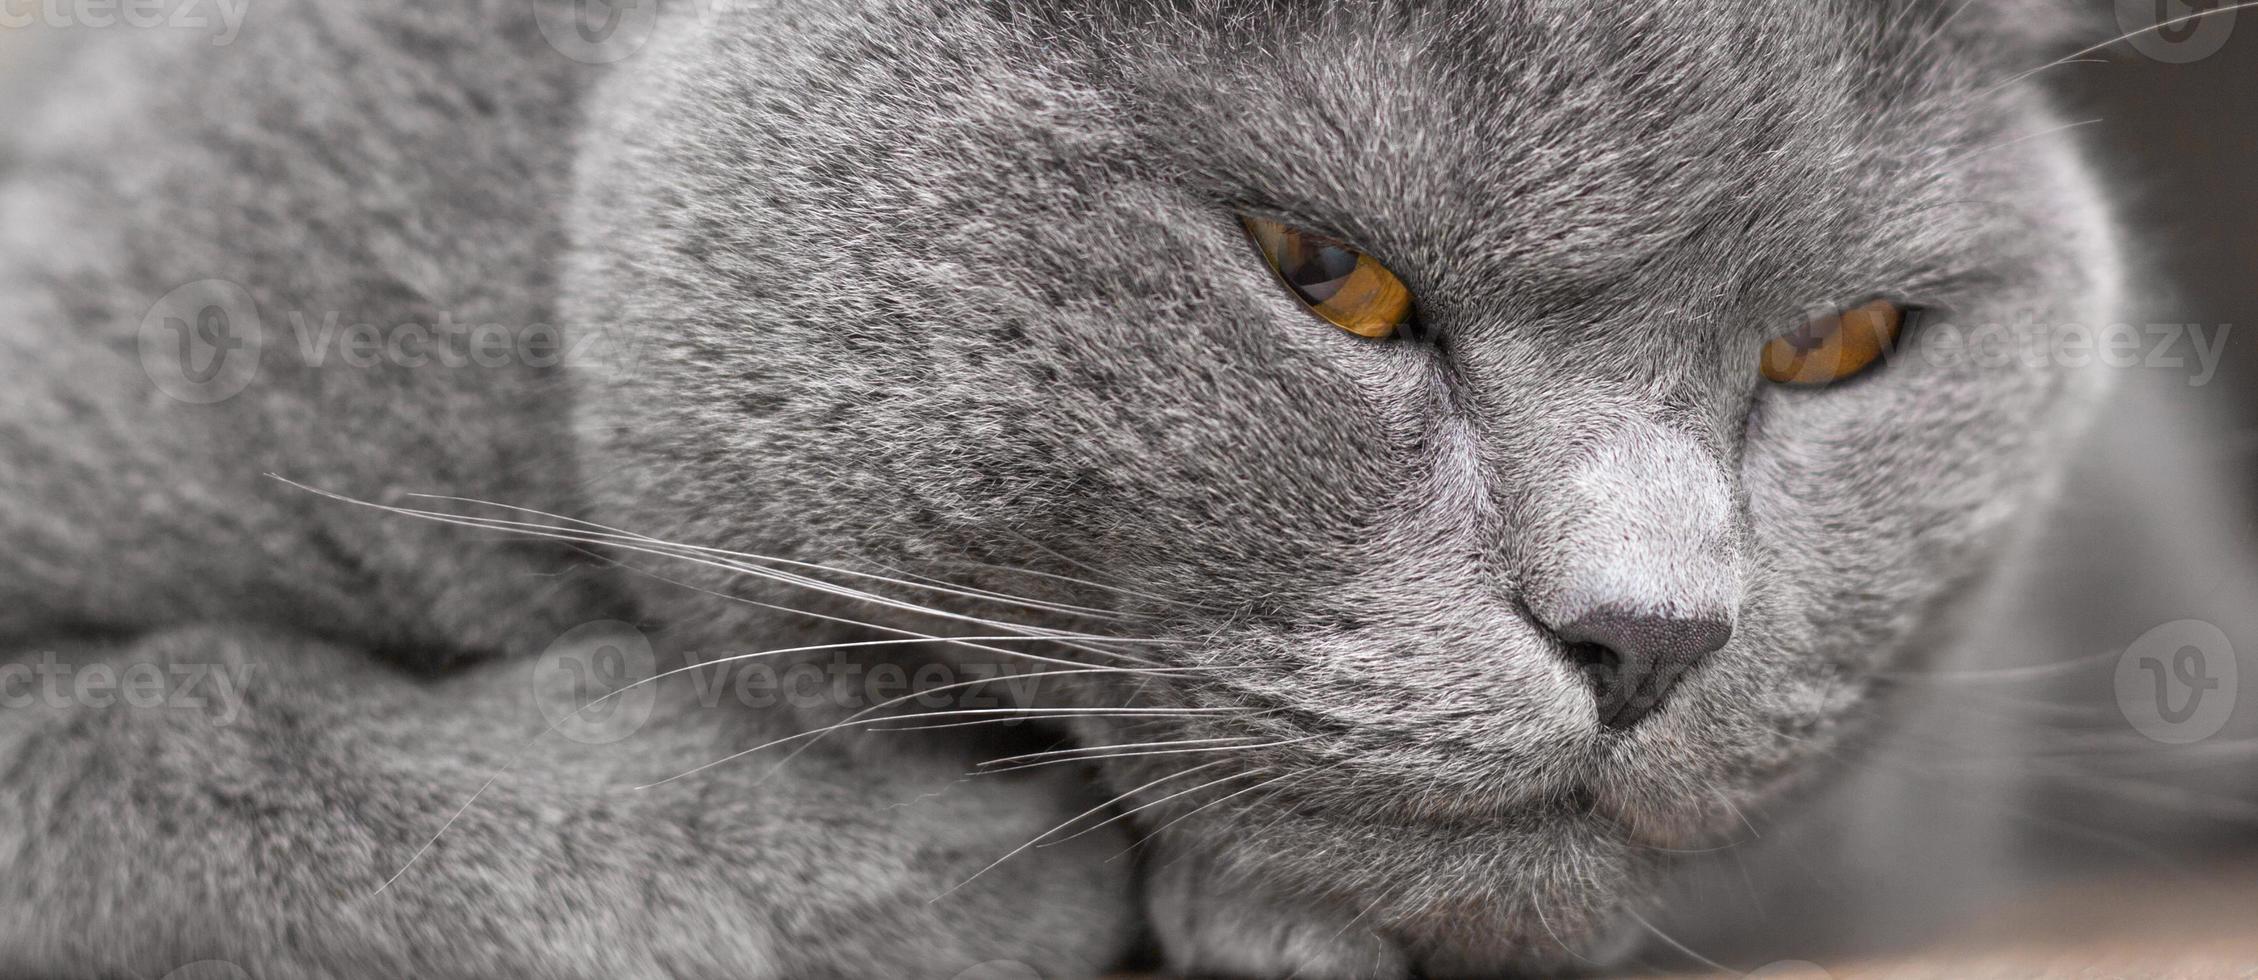 Retrato de gato británico foto